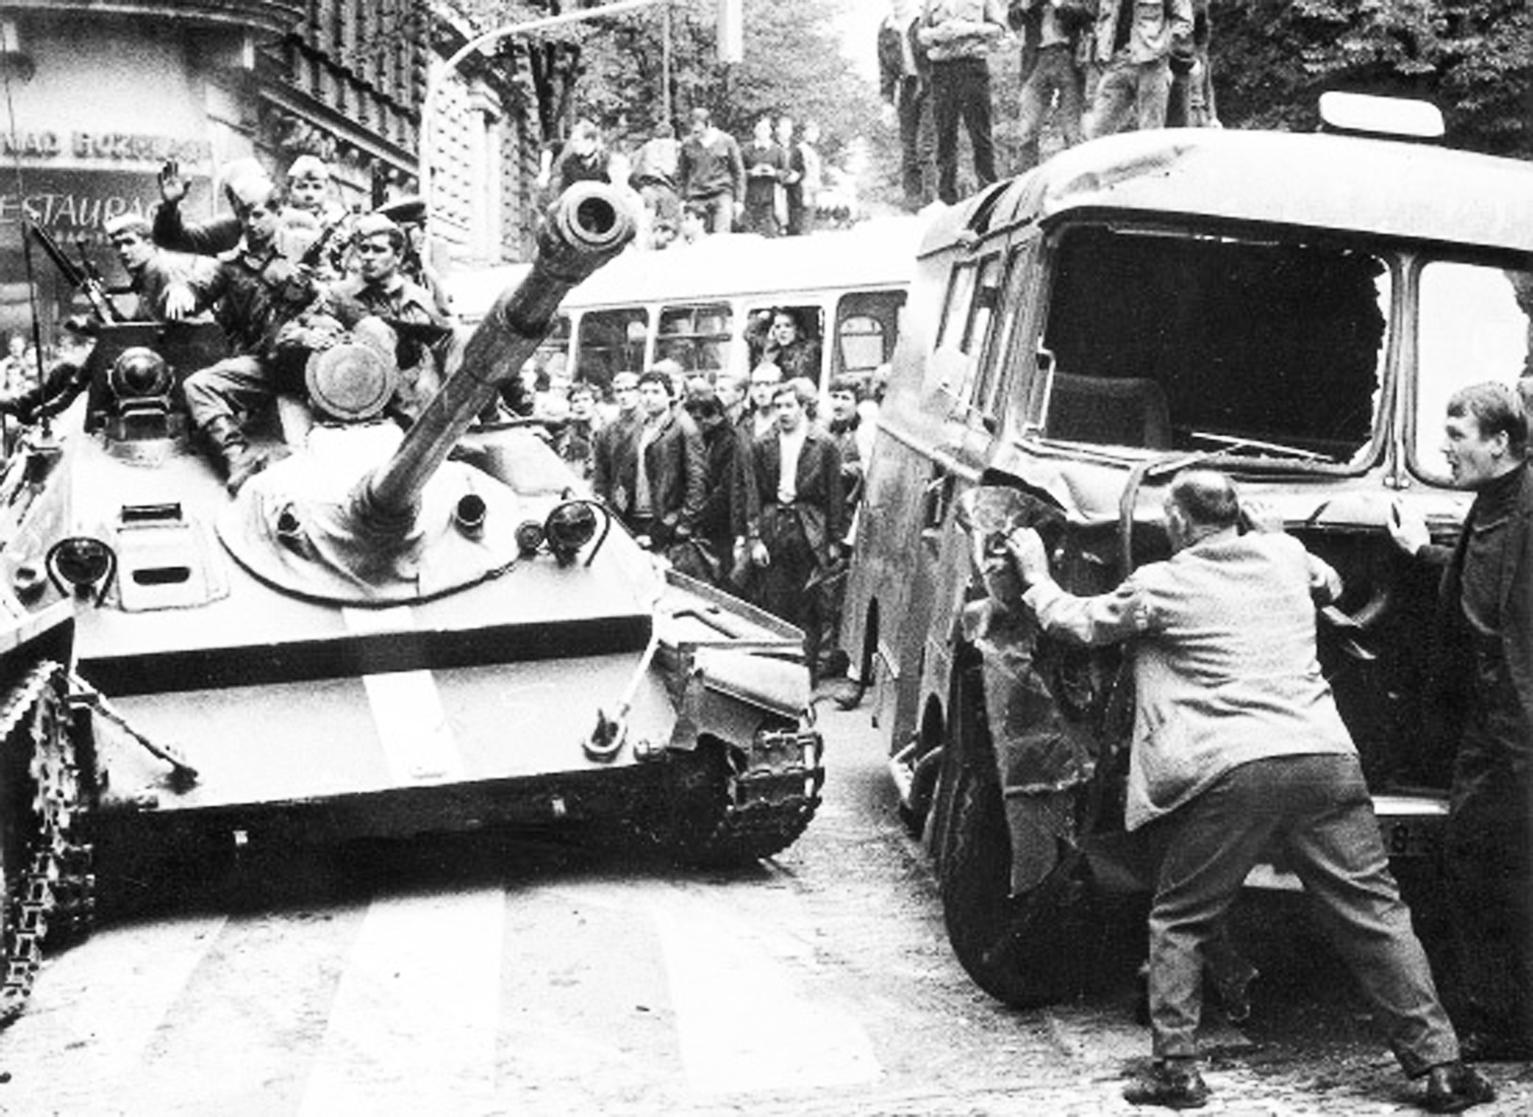 Autobusse gegen Panzer: Das gewaltsame Ende des Prager Frühlings ist Thema eines öffentlichen Leseabends am 9. November, 19 Uhr, im OGO Oberviechtach. Foto: B. Dobrovolský/FAZ